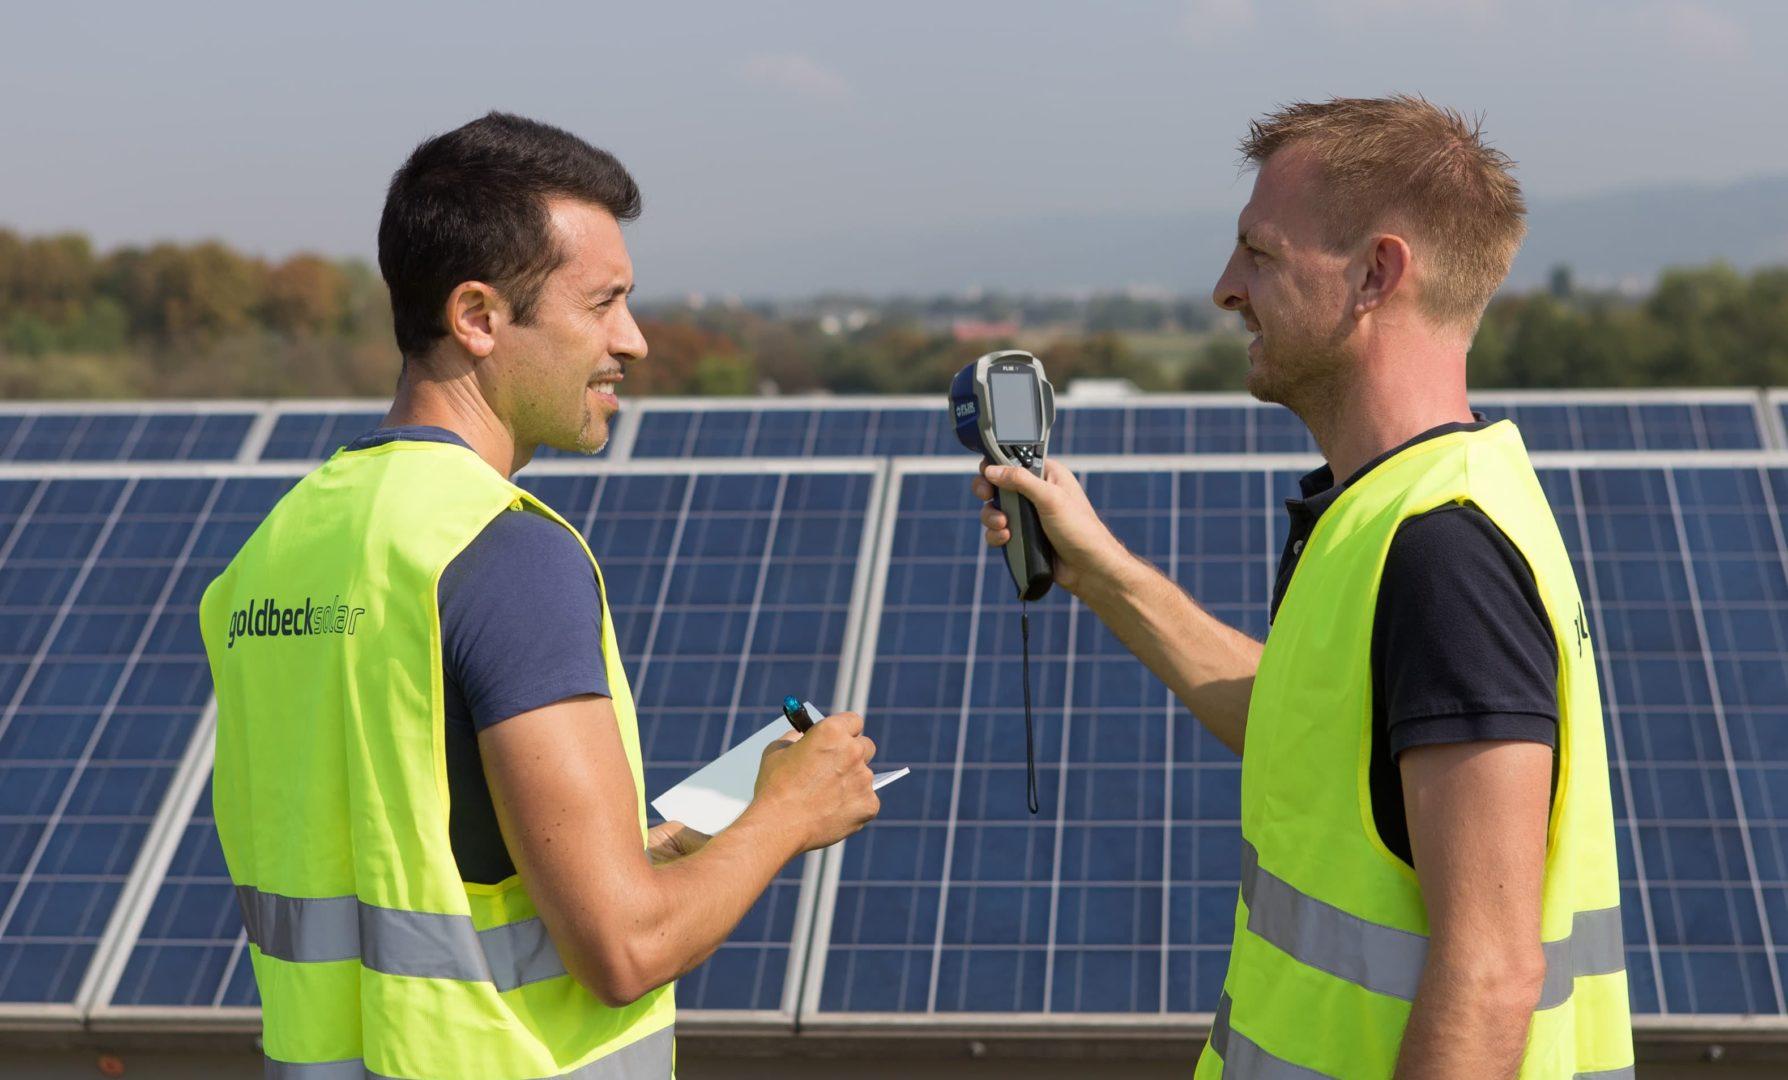 Zwei Ingenieure prüfen eine Solaranlage.